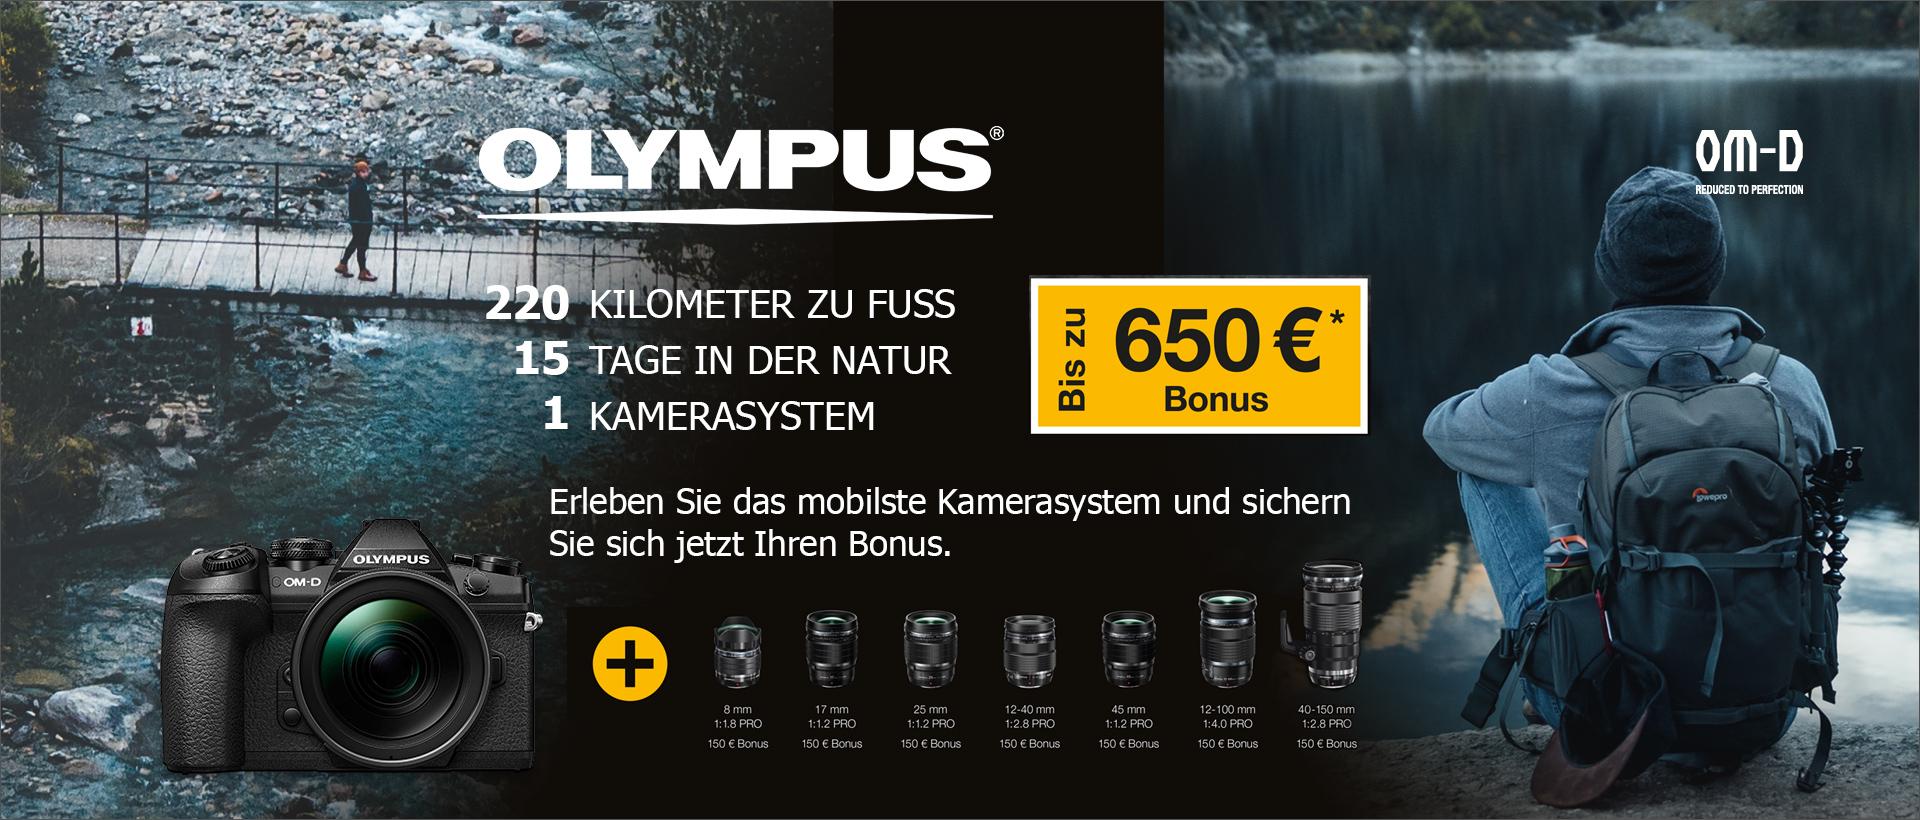 Jetzt mit der OLYMPUS PRO PROMOTION bis zu 650 EUR sparen!